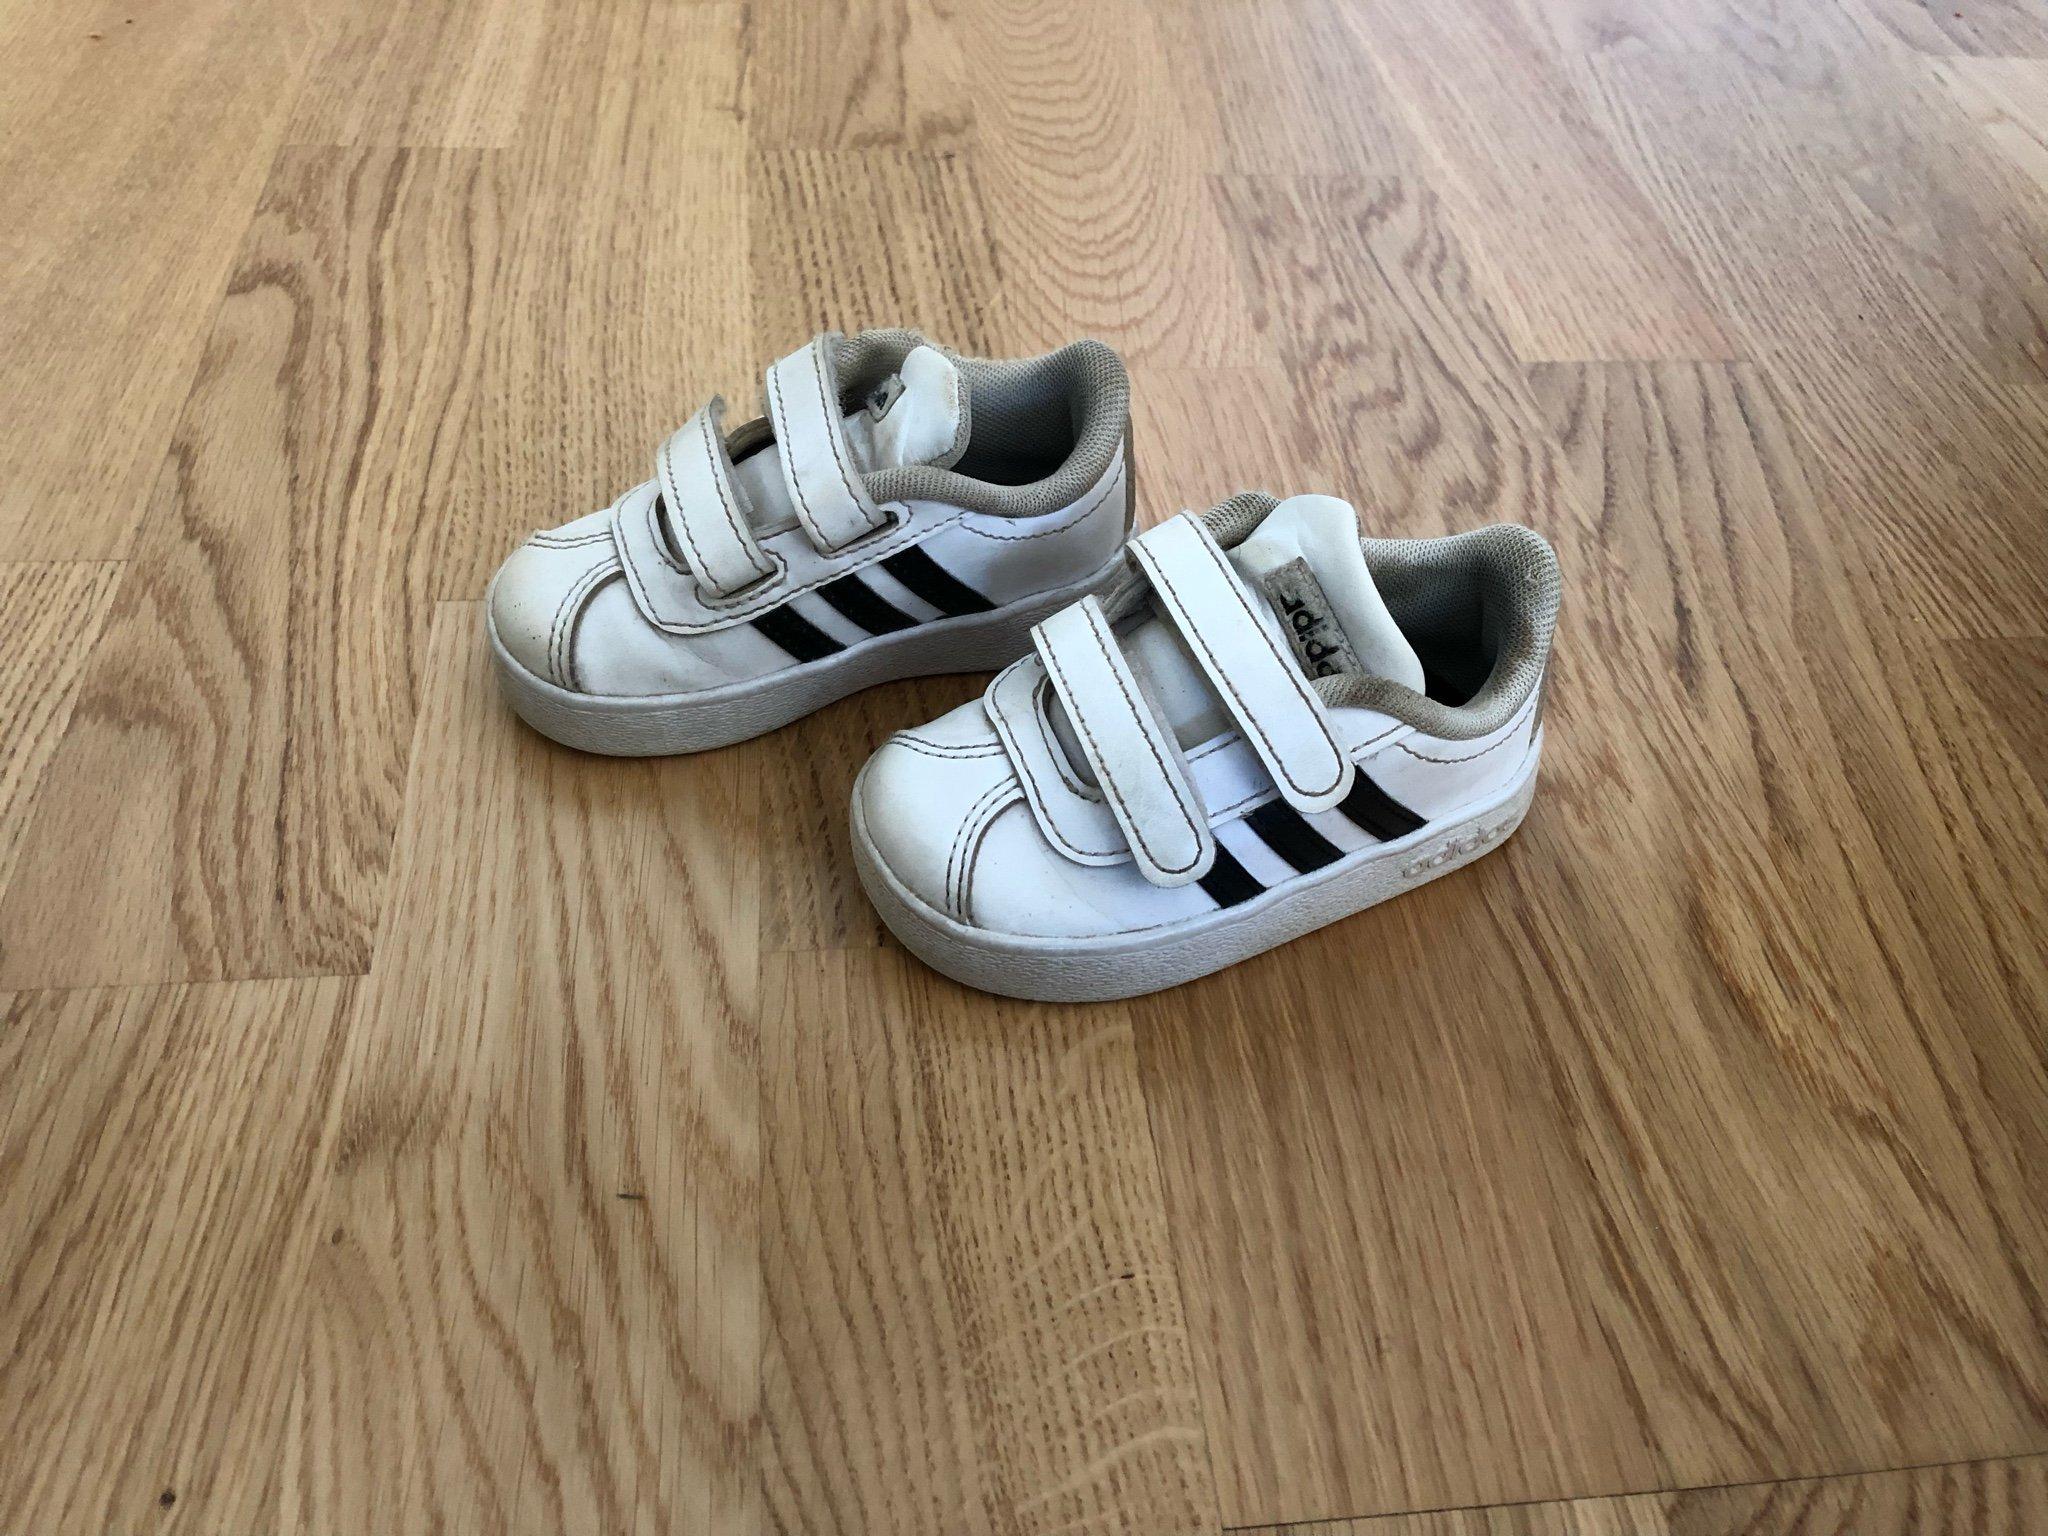 Välanvända men snygga skor från adidas, storlek.. (358339452